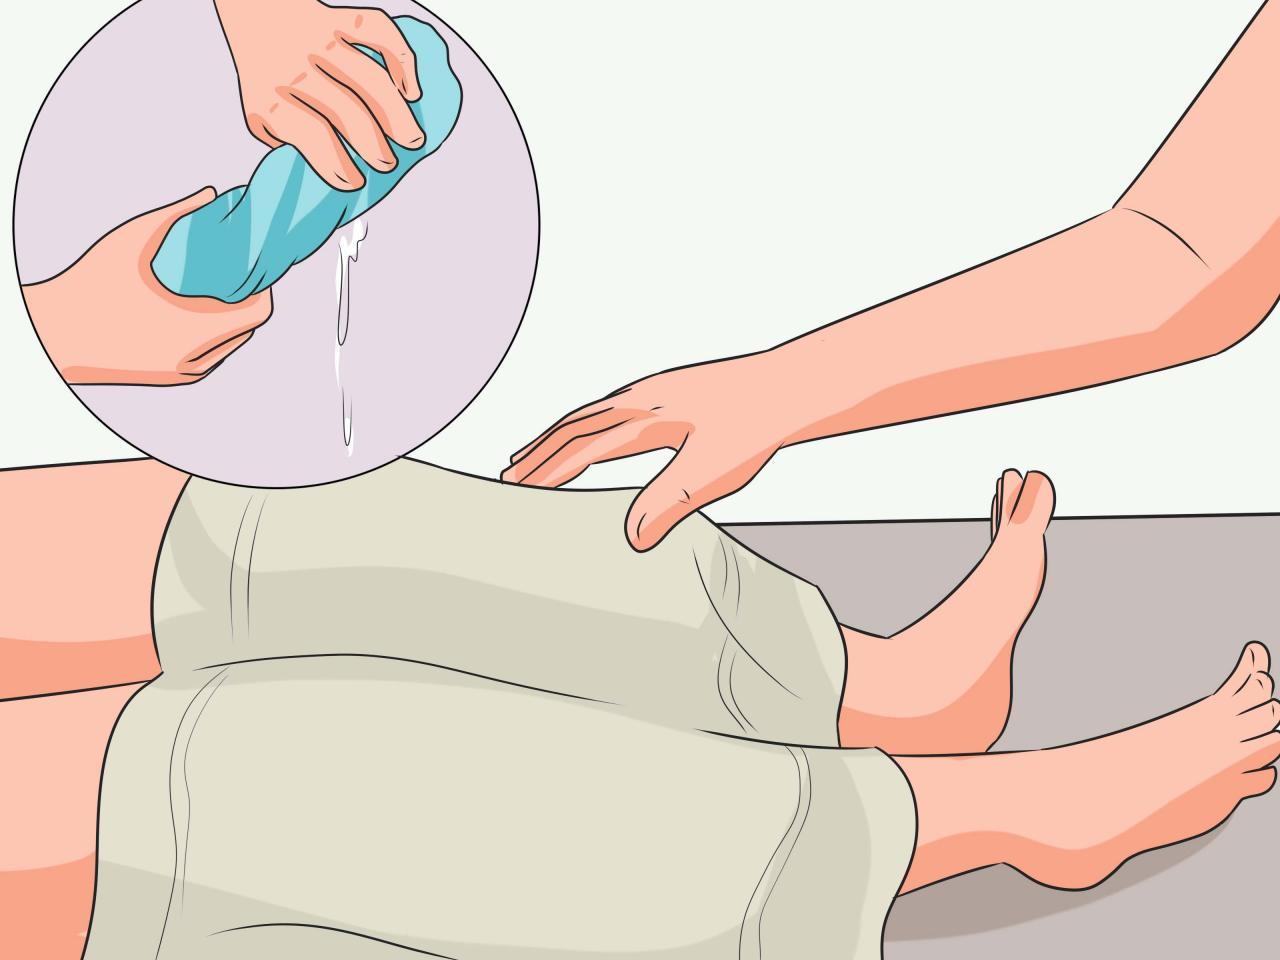 صور علاج حروق الماء الساخن , اتعلمي اسعفي نفسك